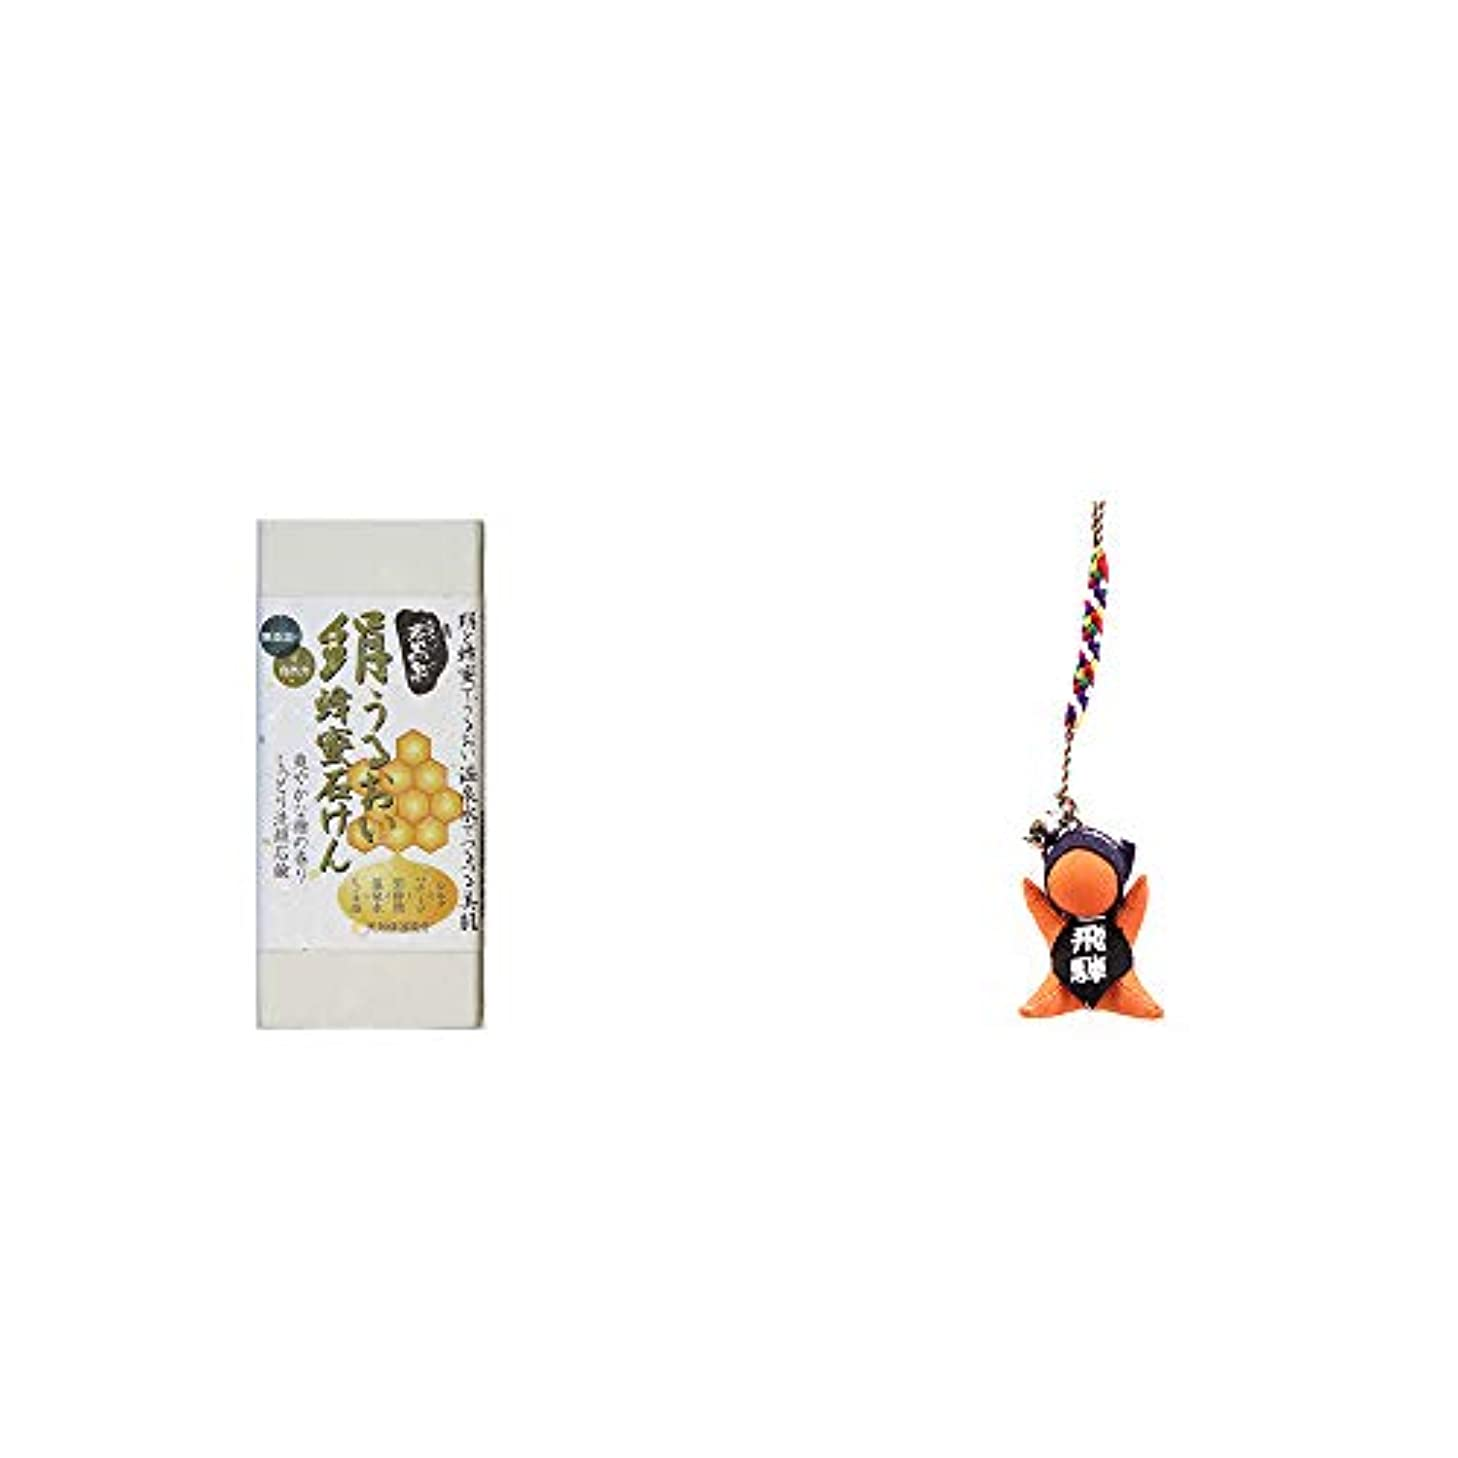 虫雇ったキャプチャー[2点セット] ひのき炭黒泉 絹うるおい蜂蜜石けん(75g×2)?さるぼぼ根付【オレンジ】 / ストラップ 縁結び?魔除け //